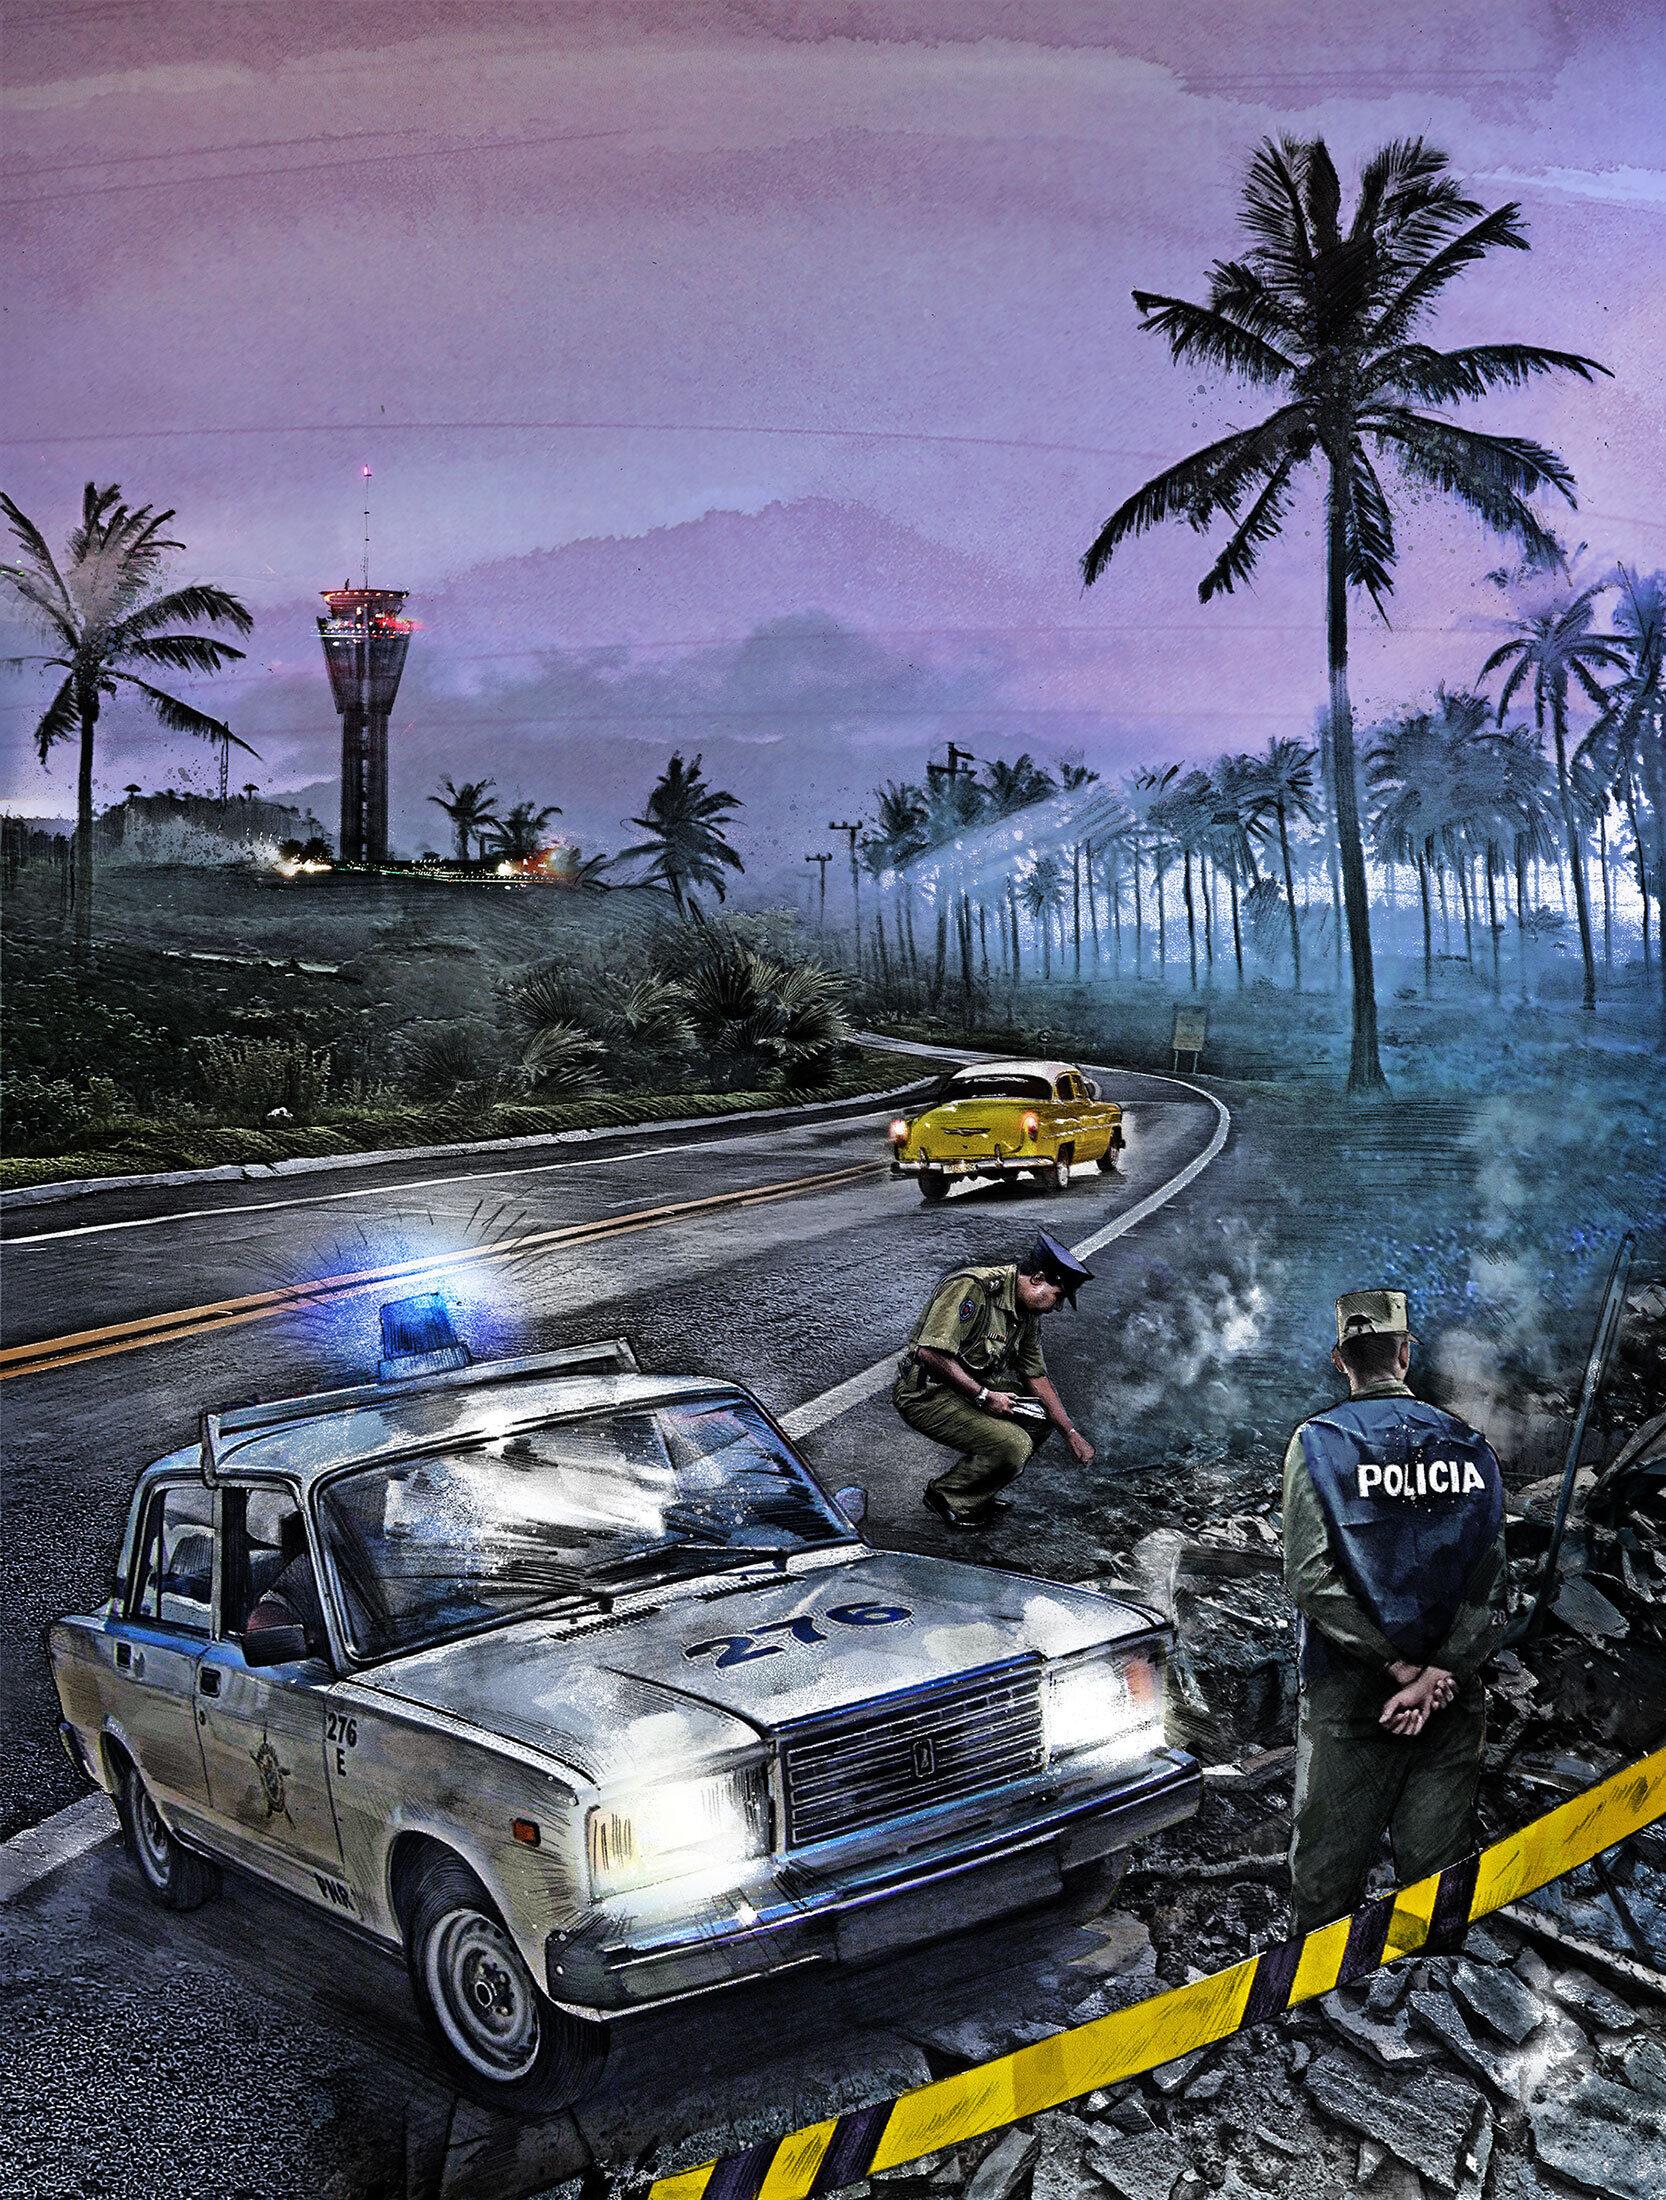 Crime scene illustration cuba - Kornel Illustration | Kornel Stadler portfolio